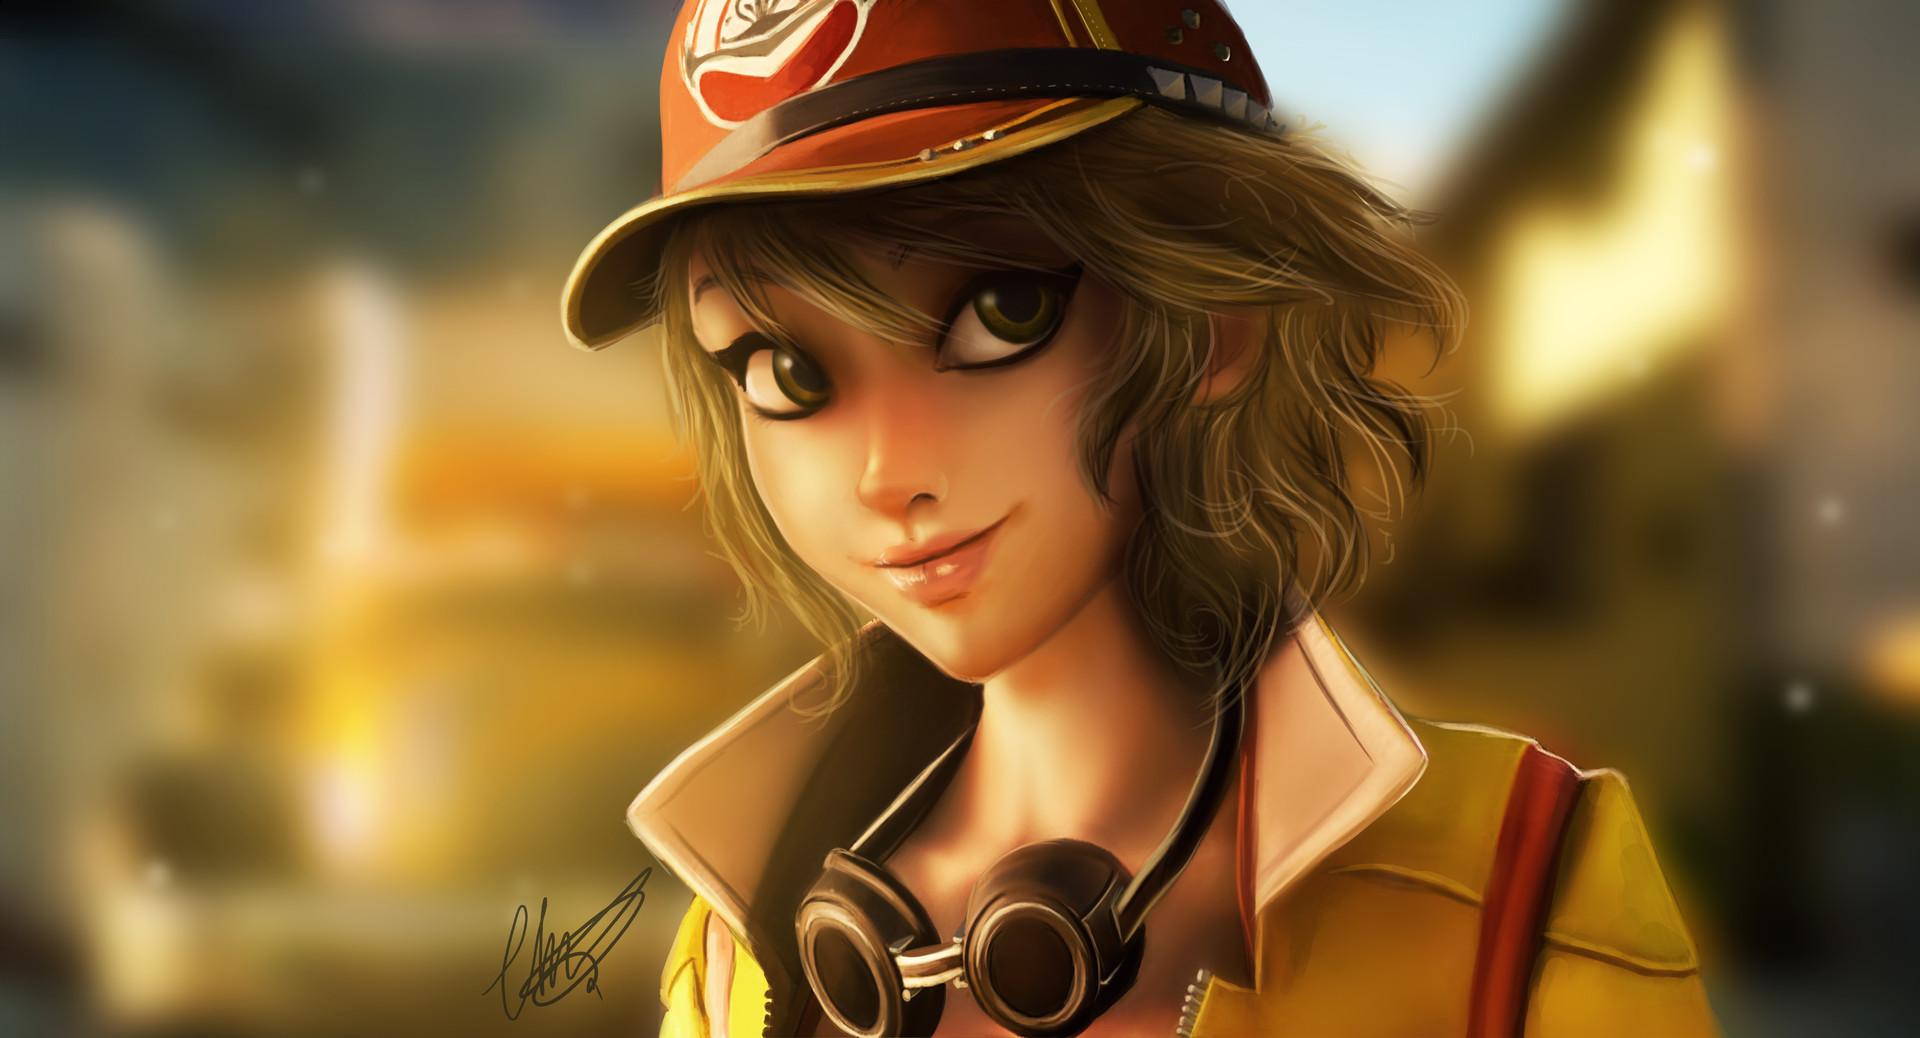 ArtStation Cindy Final Fantasy XV Charlotte Lebreton